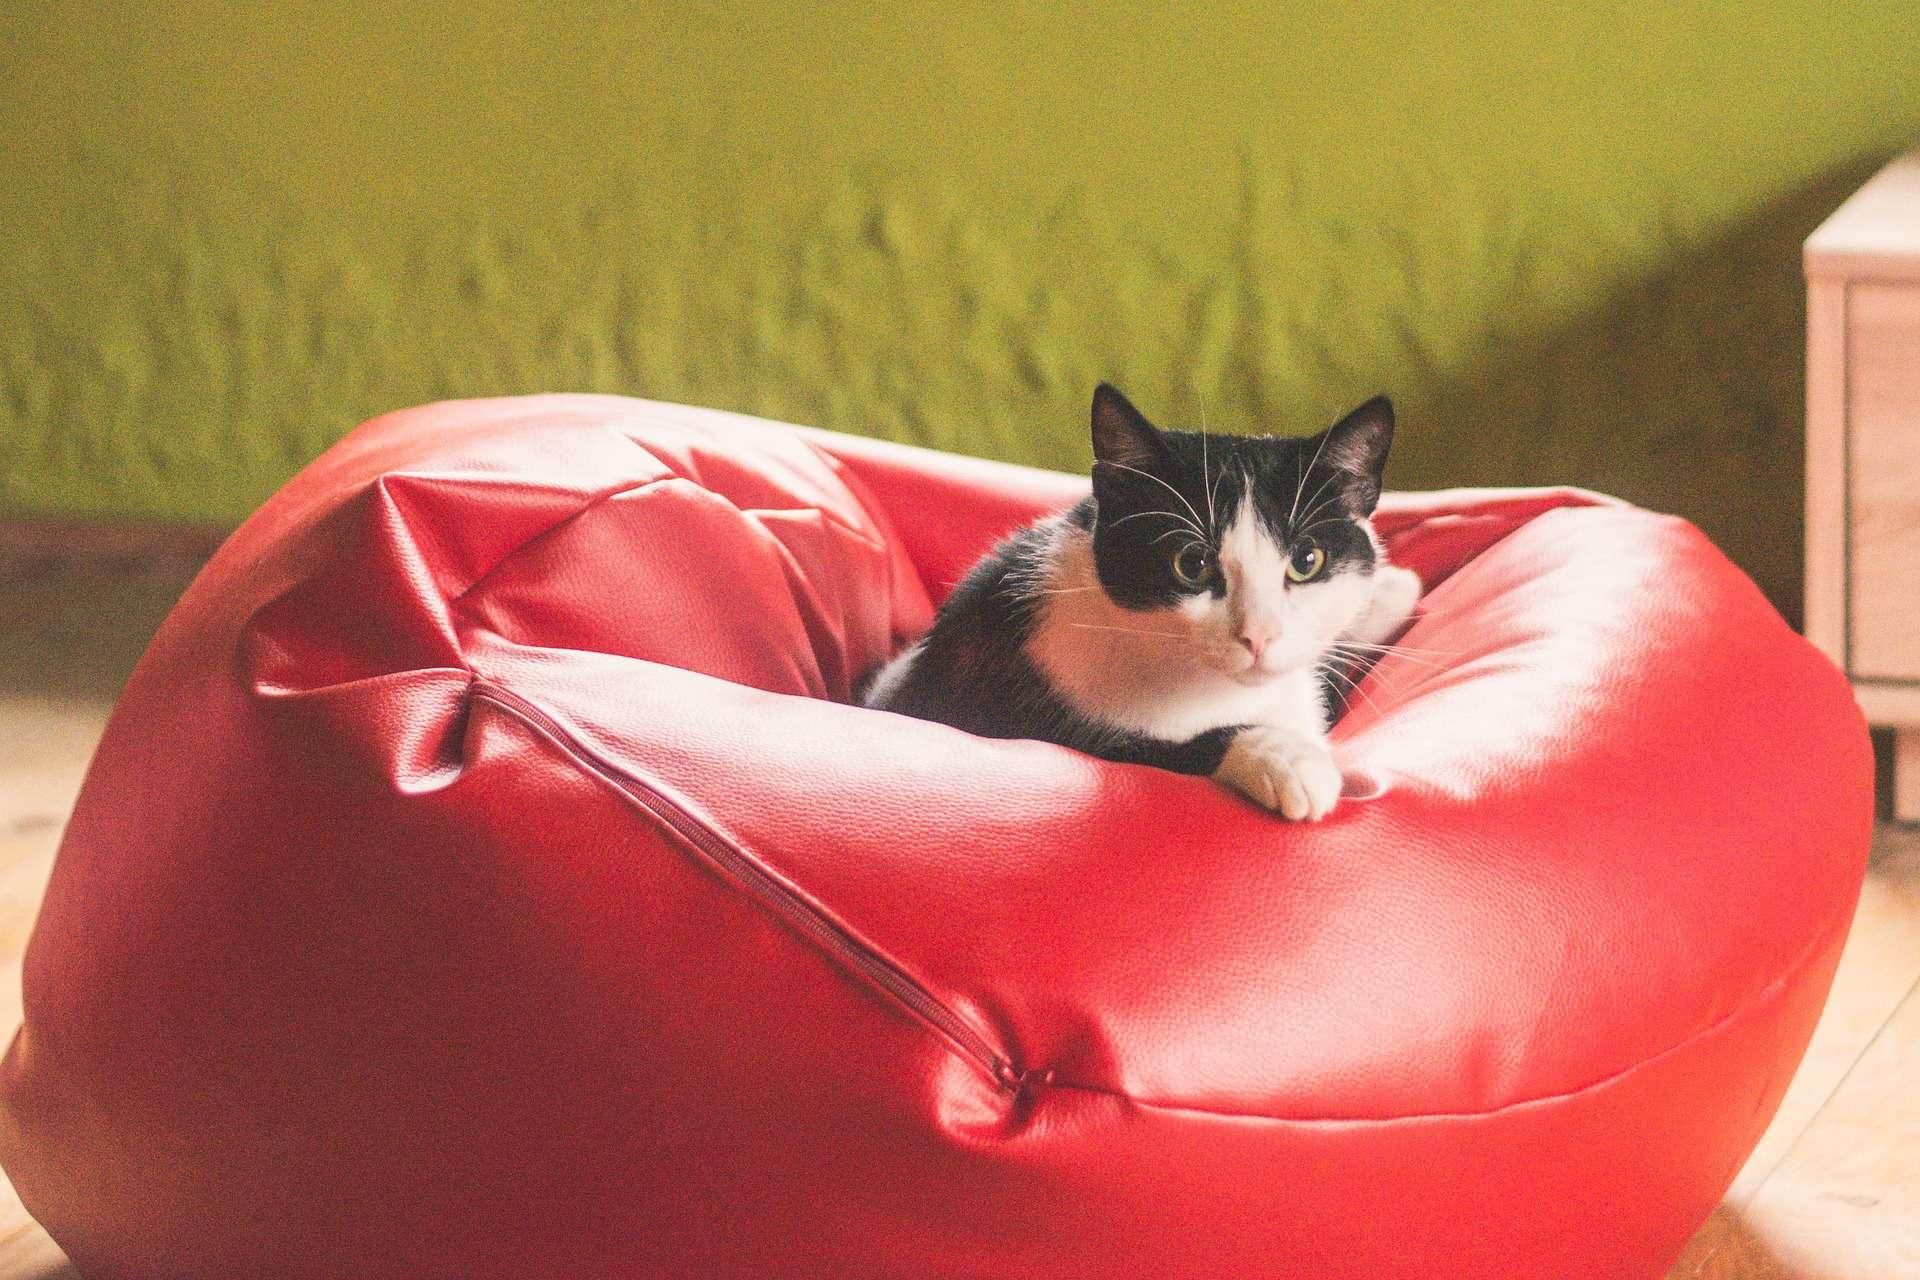 Imagem de gato preto e branco deitado em puff de couro vermelho.